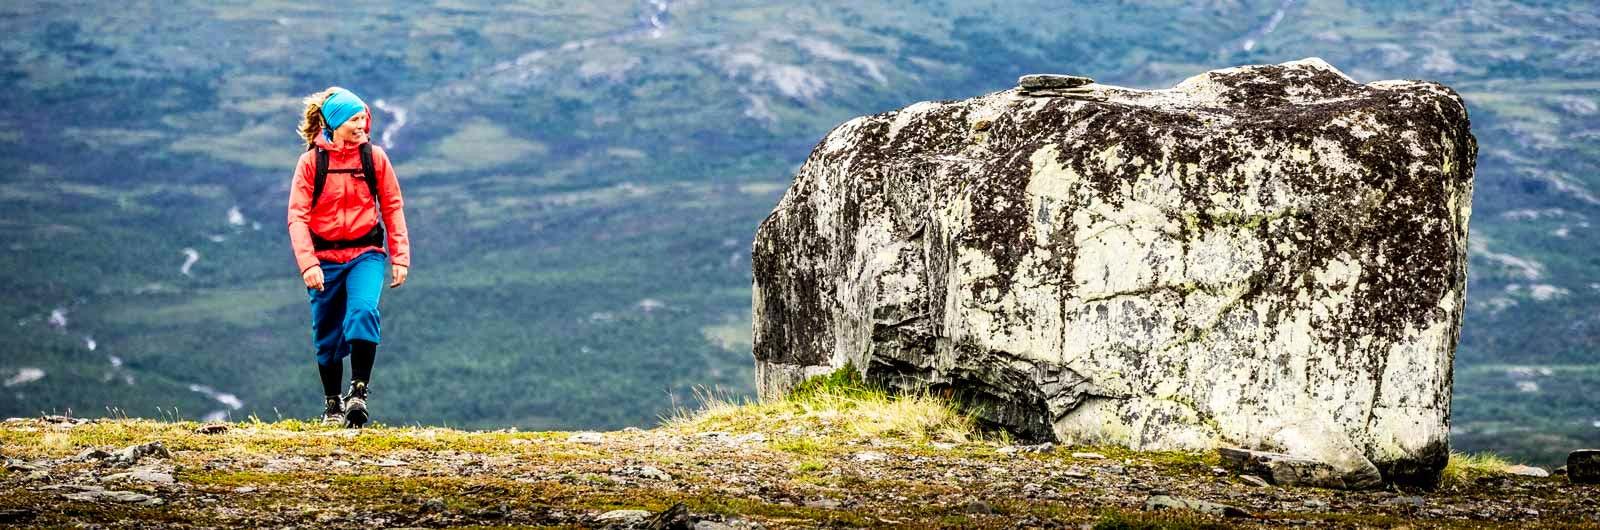 Ensam vandrare vid stor sten på fjället